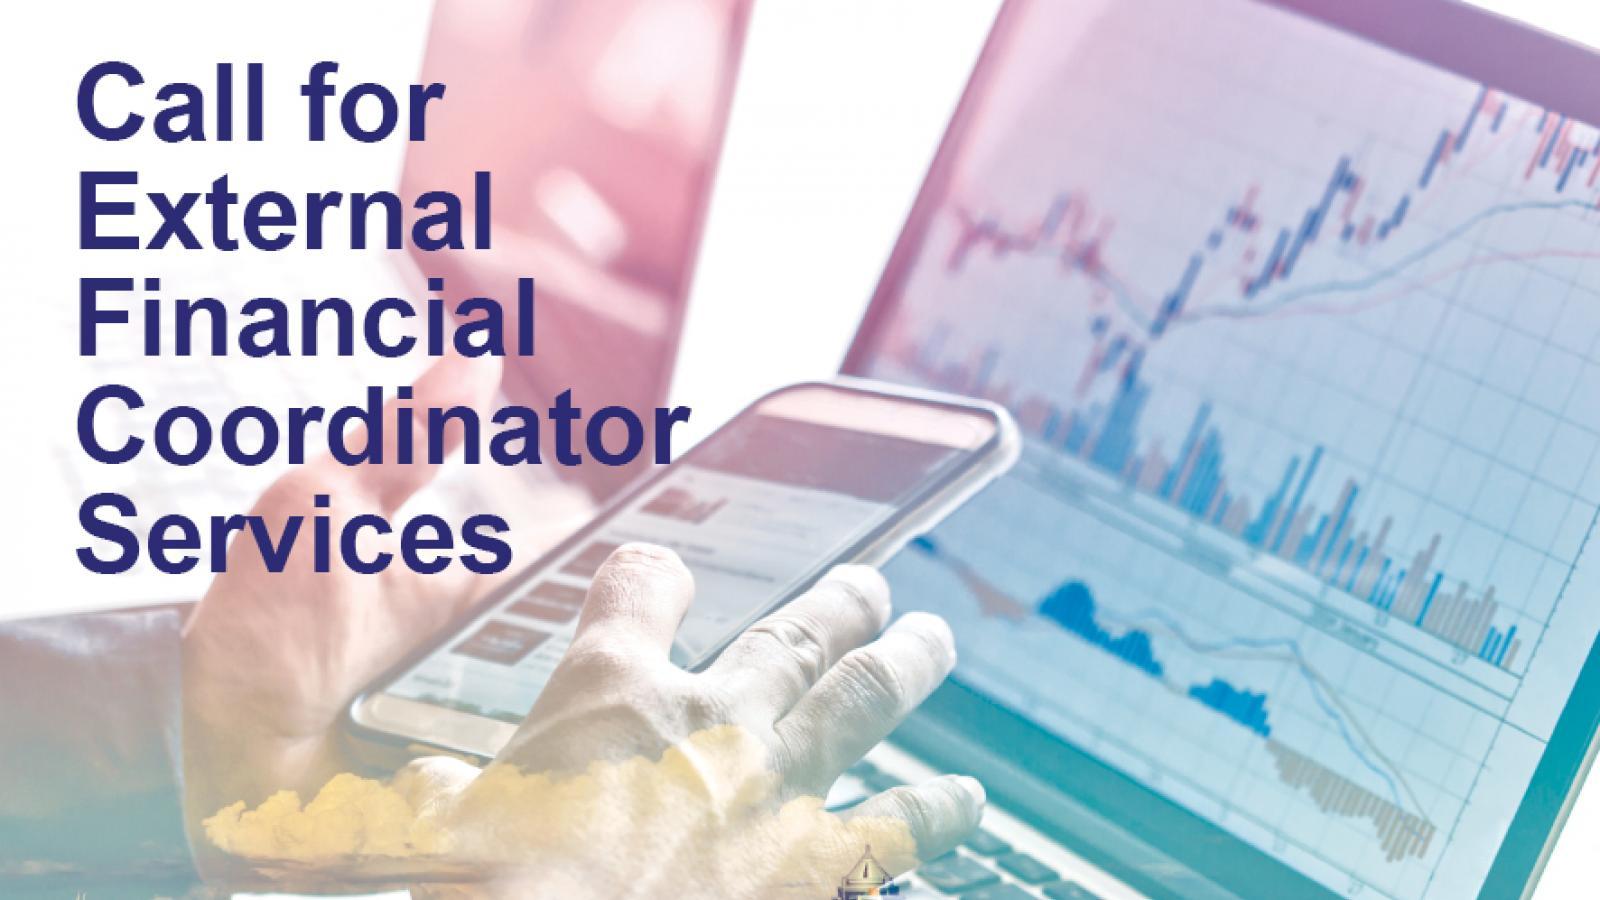 Recherche partenaire financier, cherche partenariat financement, recherche de projet d'entreprise